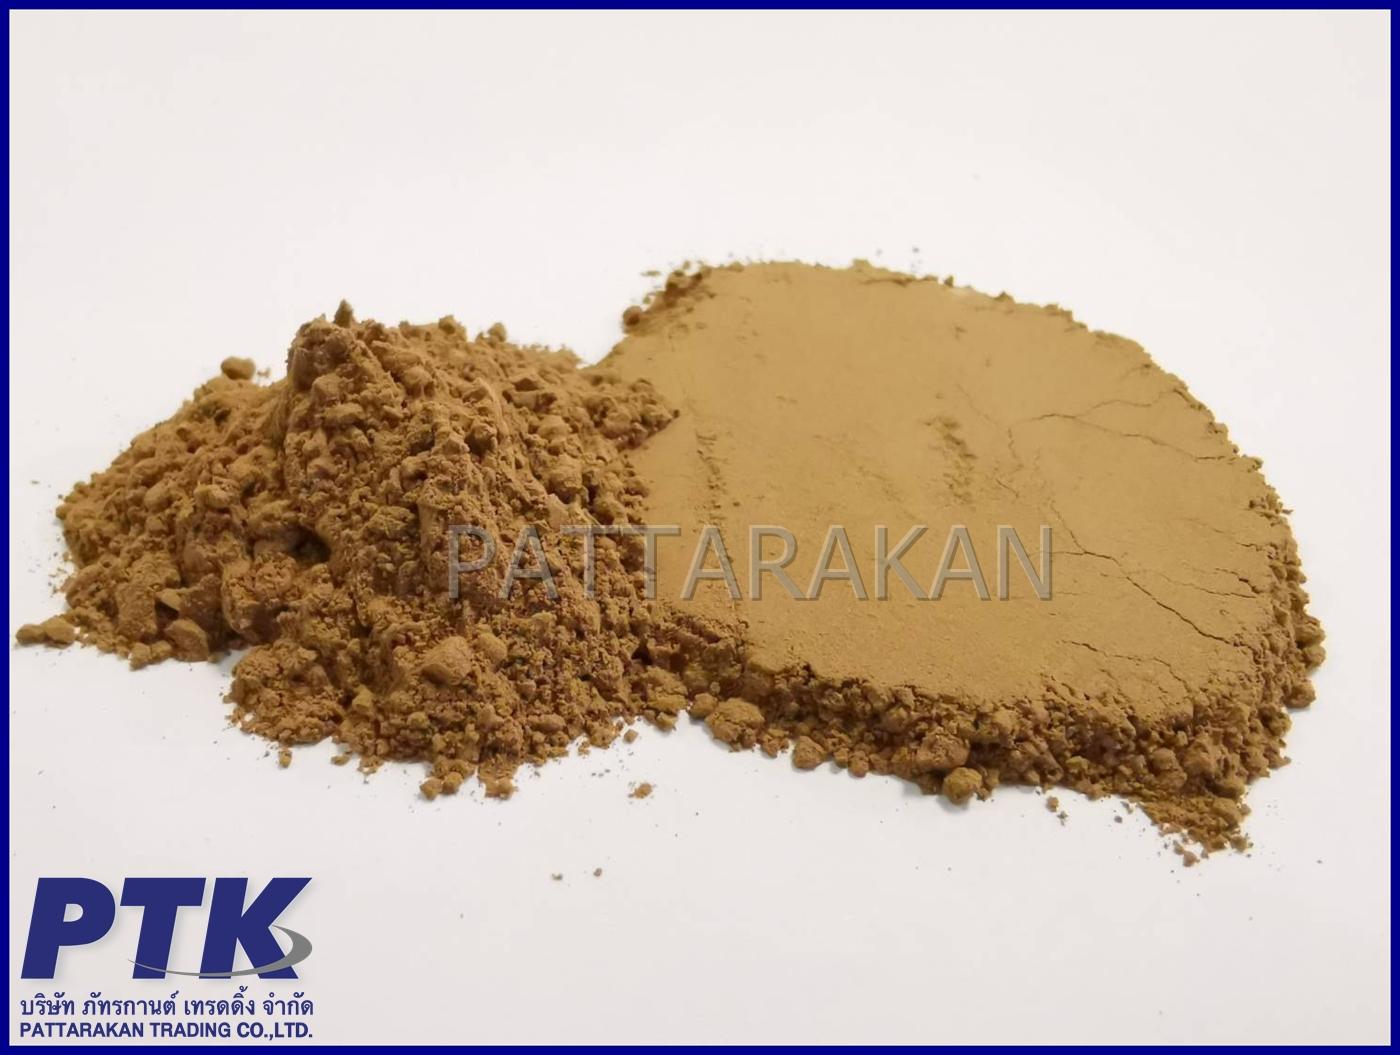 การใช้งานเบนโทไนท์ (Bentonite) หรือ โซเดี่ยมเบนโทไนท์ (Sodium bentonite)